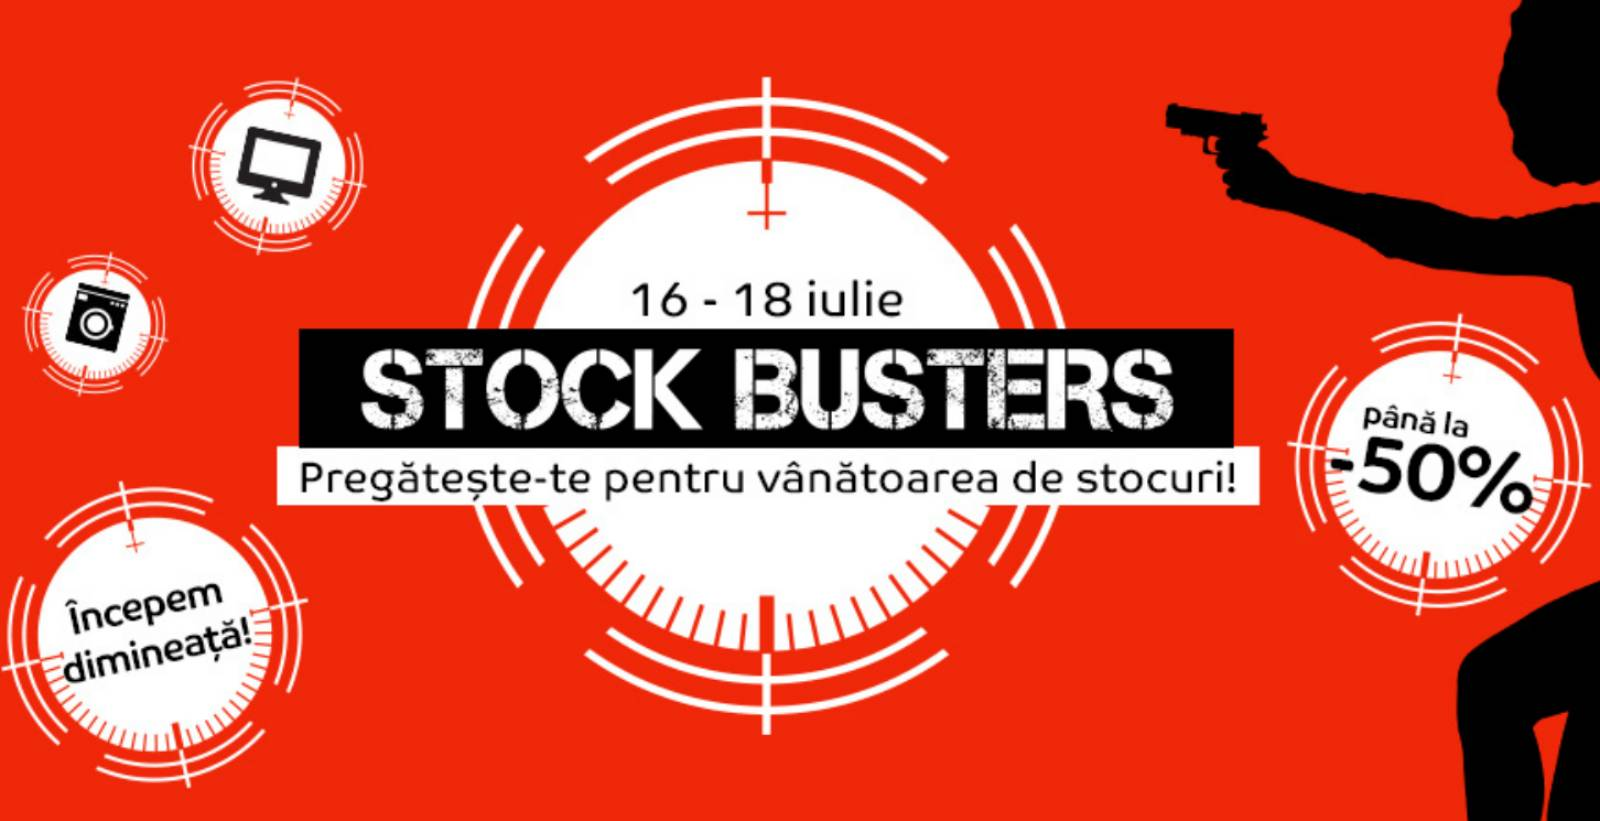 emag stock busters reduceri 16 iulie